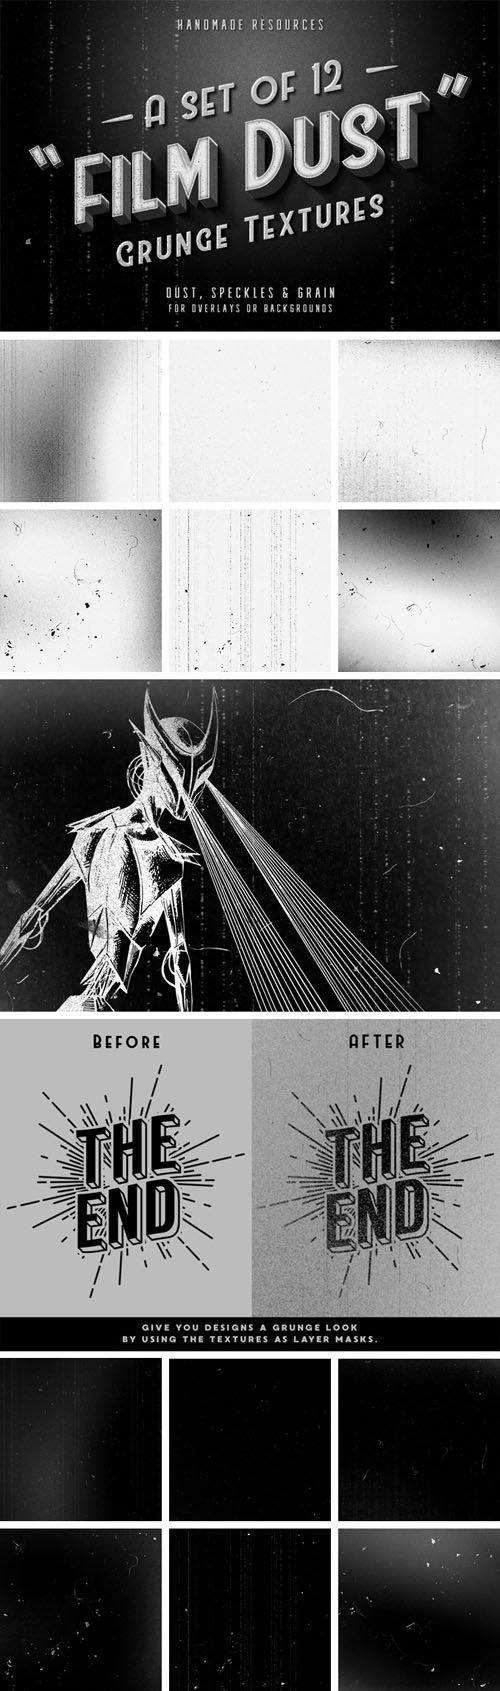 12 Film Dust Grunge Textures